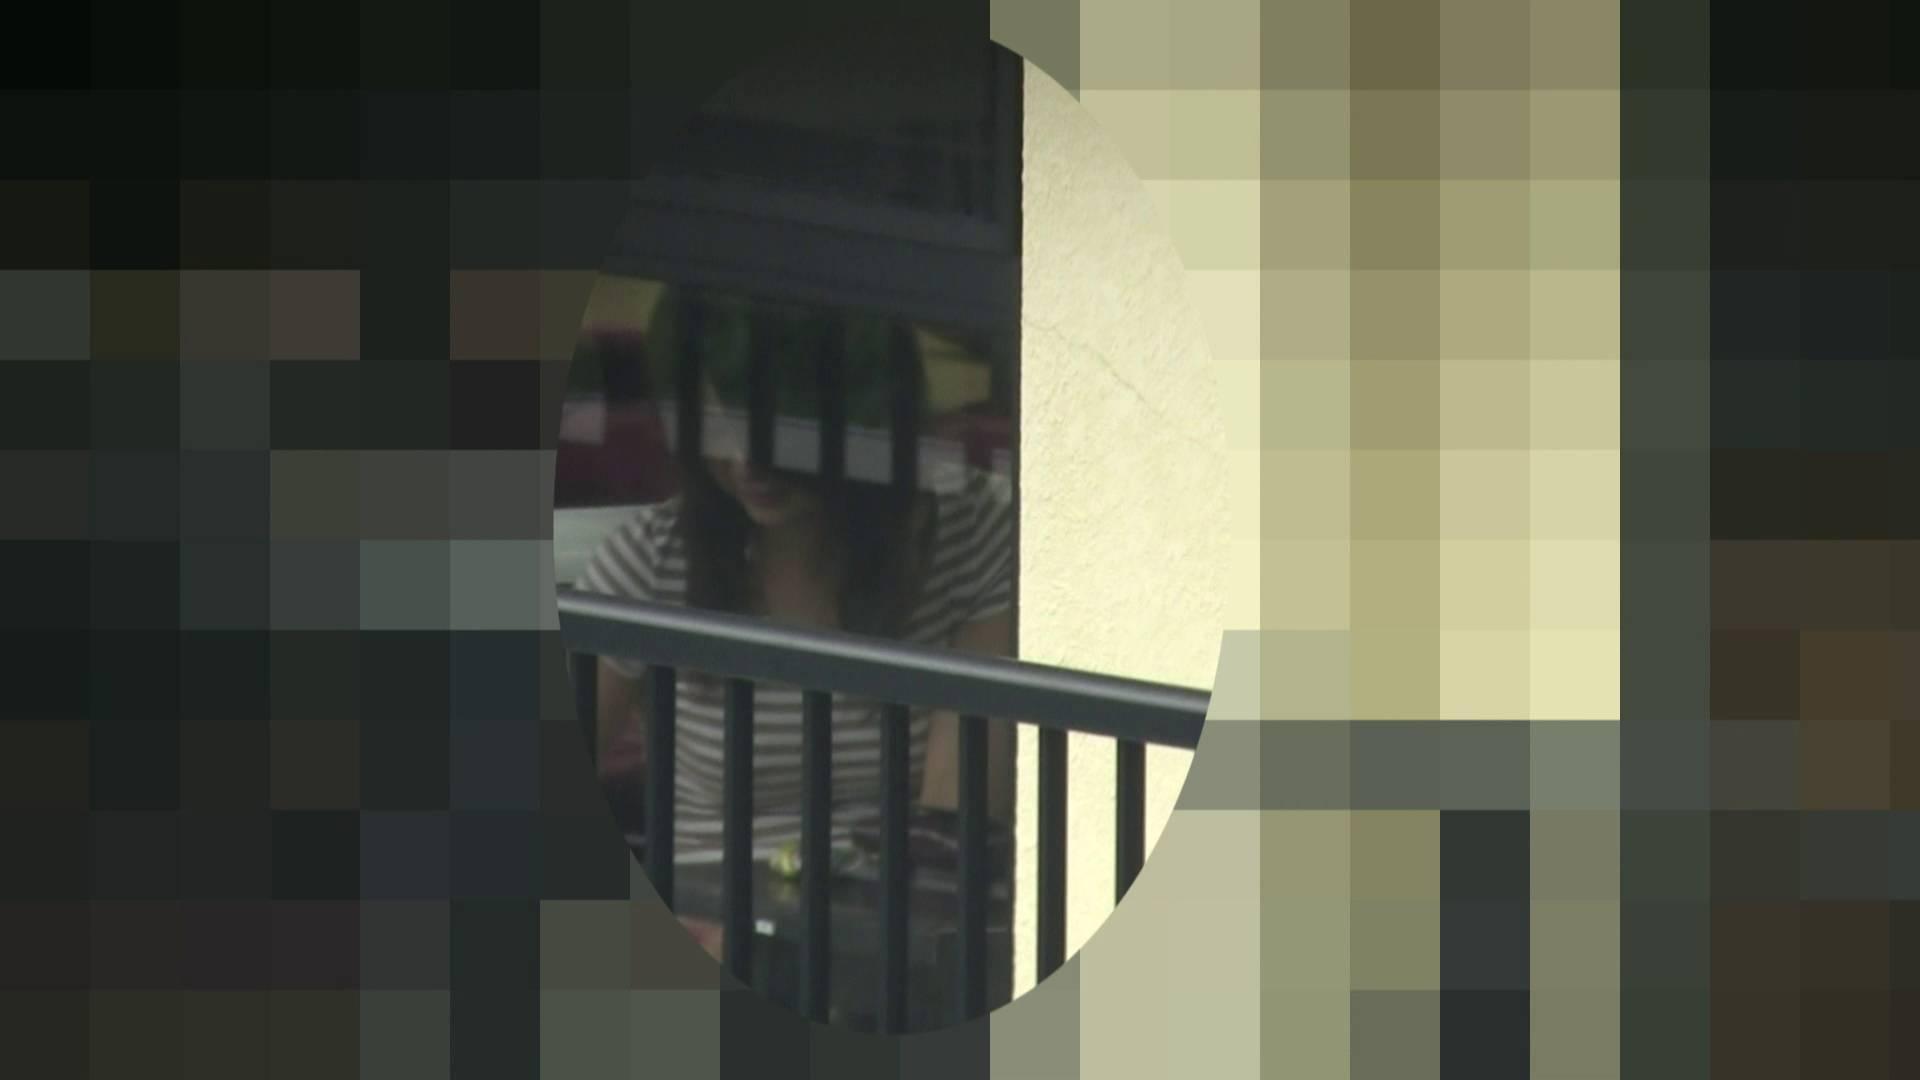 高画質露天女風呂観察 vol.032 高画質 隠し撮りオマンコ動画紹介 83pic 73